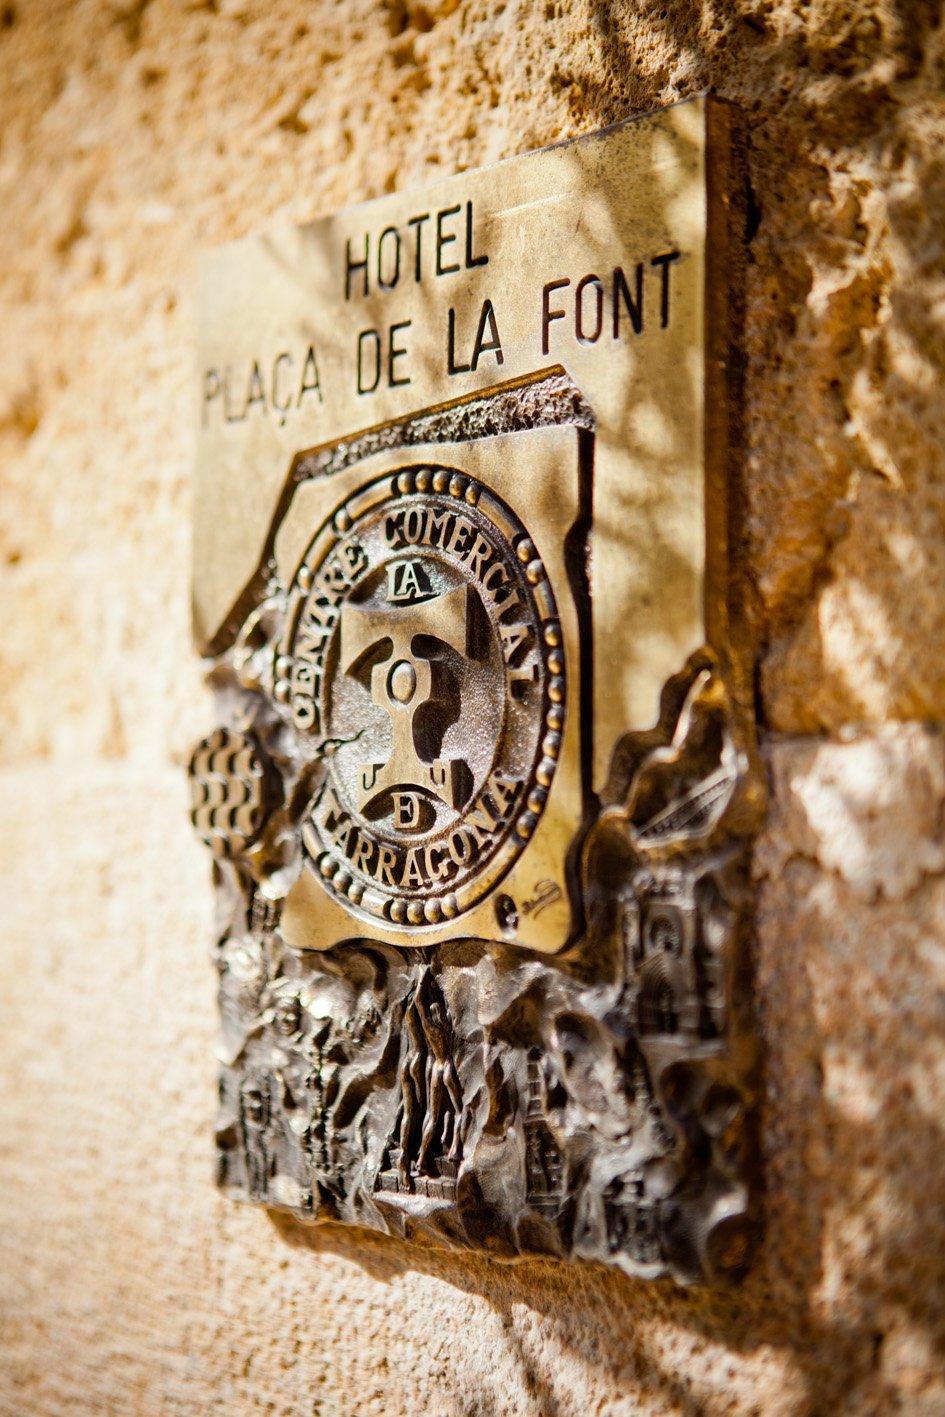 hotel_la_fontnombre_del_documento_13-d8486d2818582133a817e513da4351b2